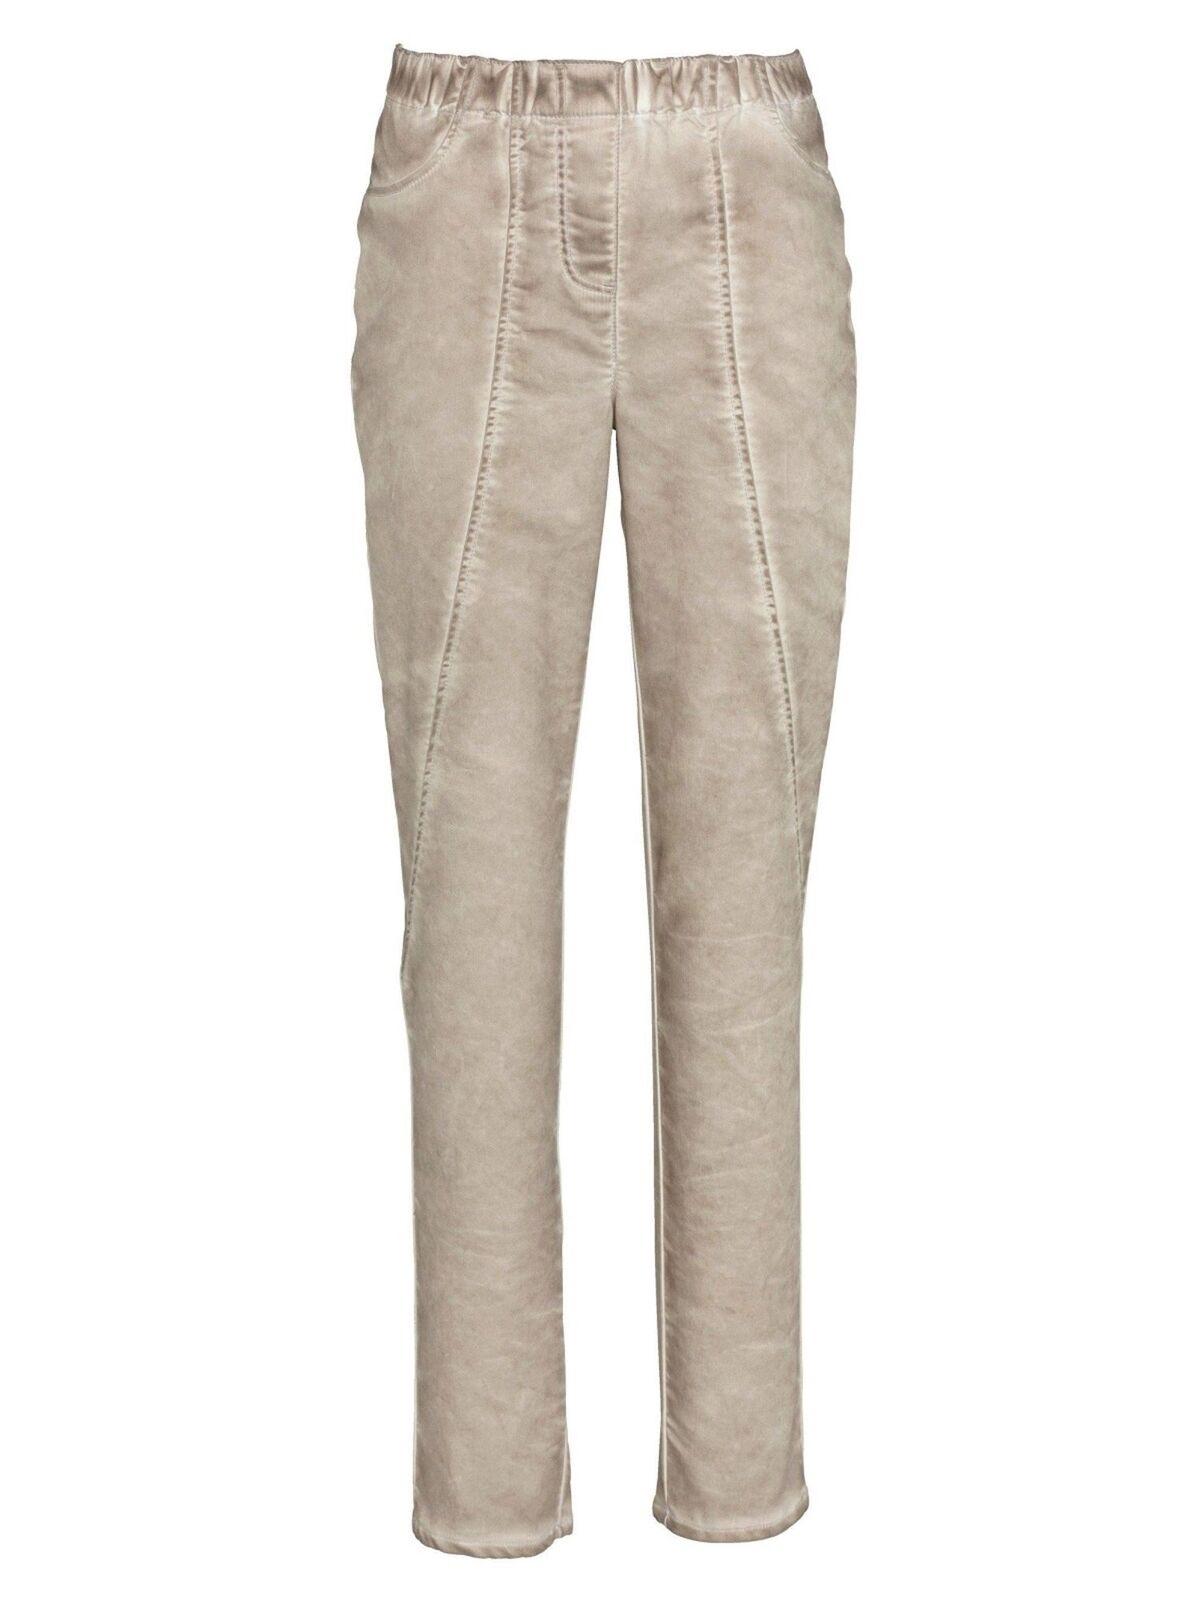 Miamoda Trousers in Light Ausgewaschener Look Beige Oil Washed-Effekt New 50